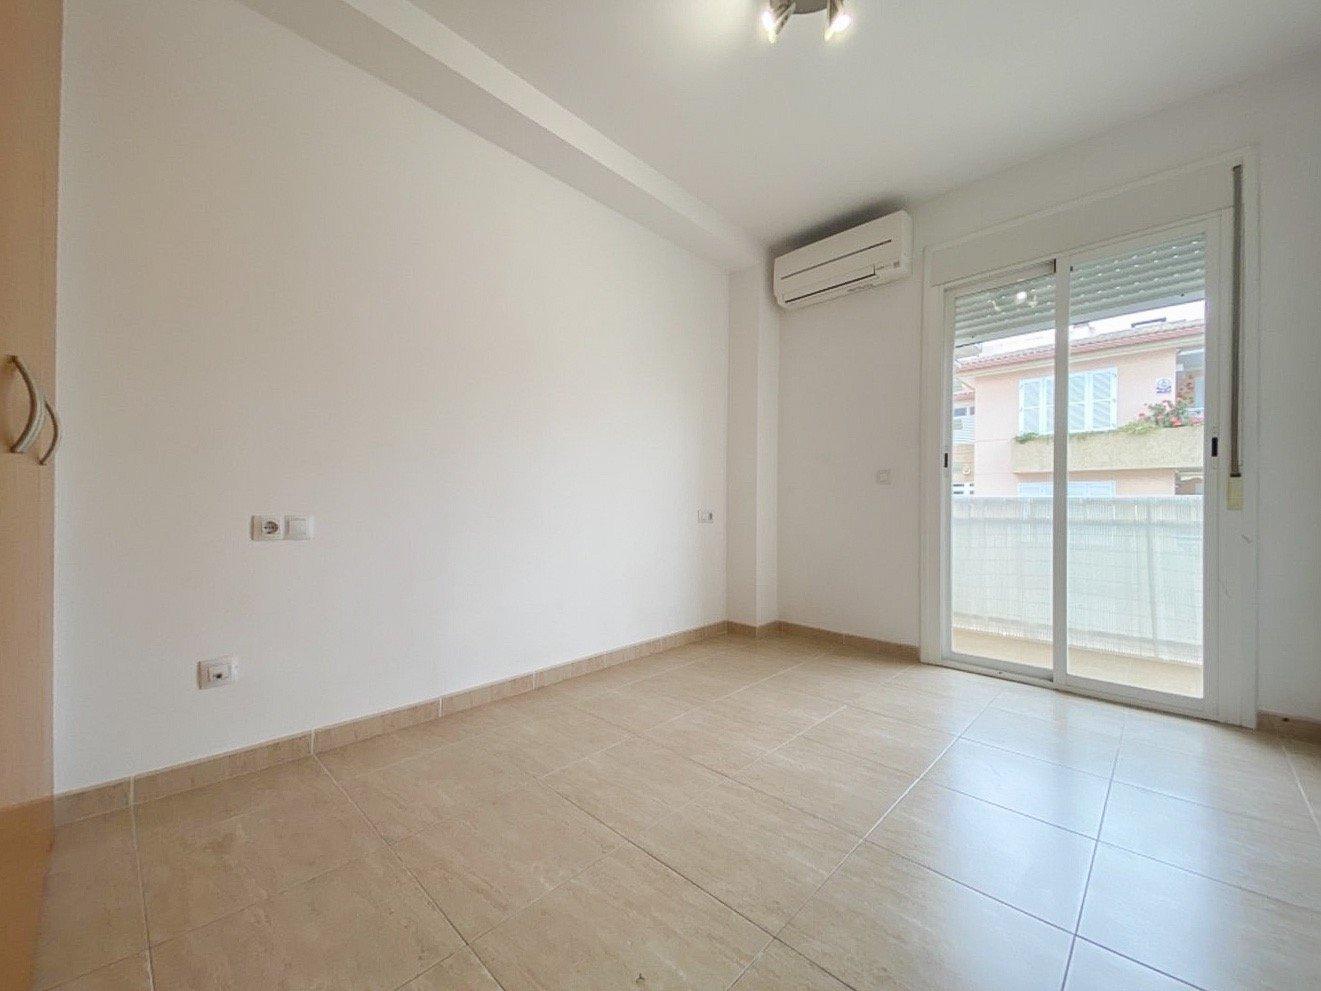 Primer piso con terraza y parking. inca. - imagenInmueble12